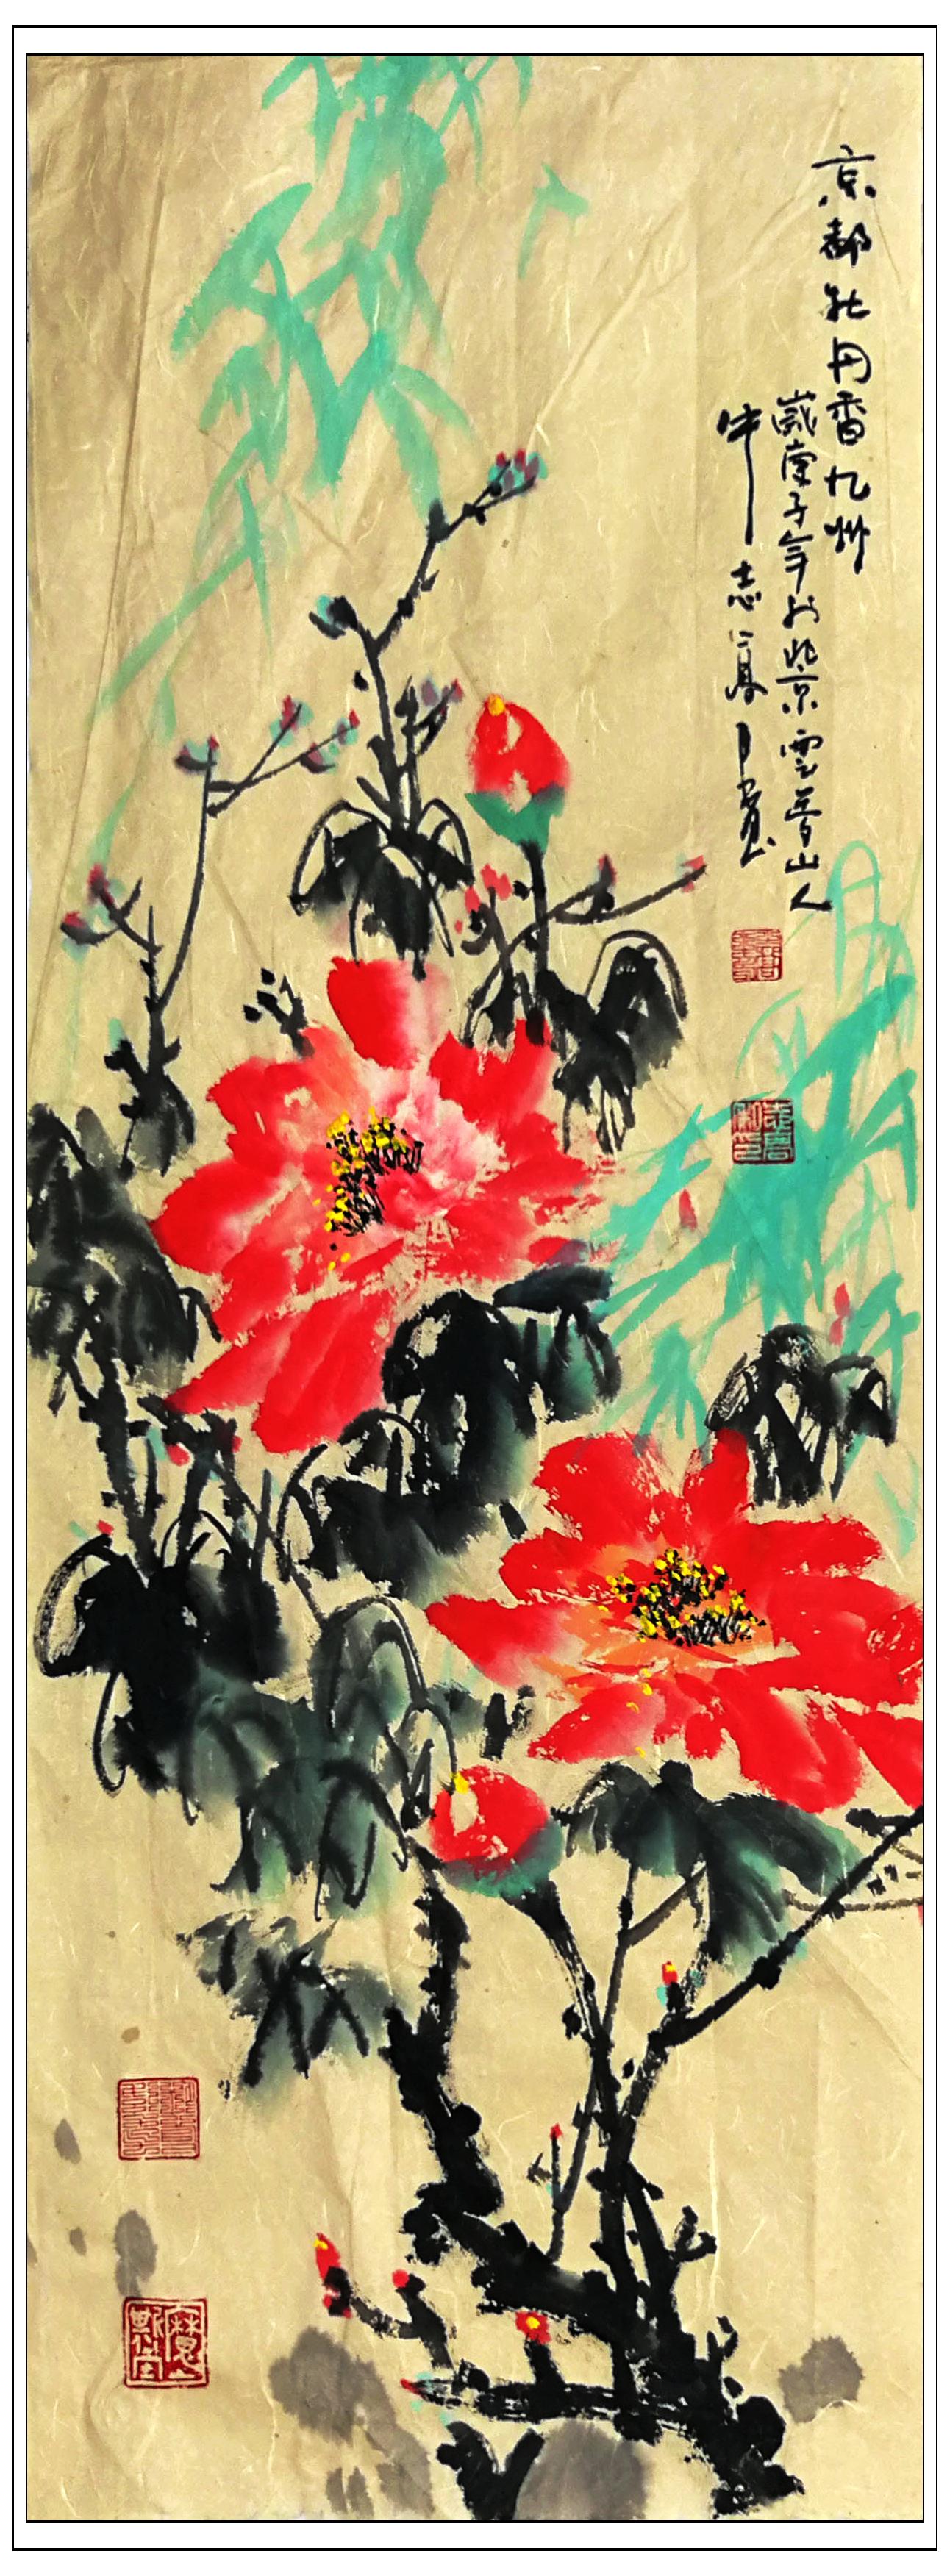 牛志高花鸟画---牡丹----2020.09.15_图1-1